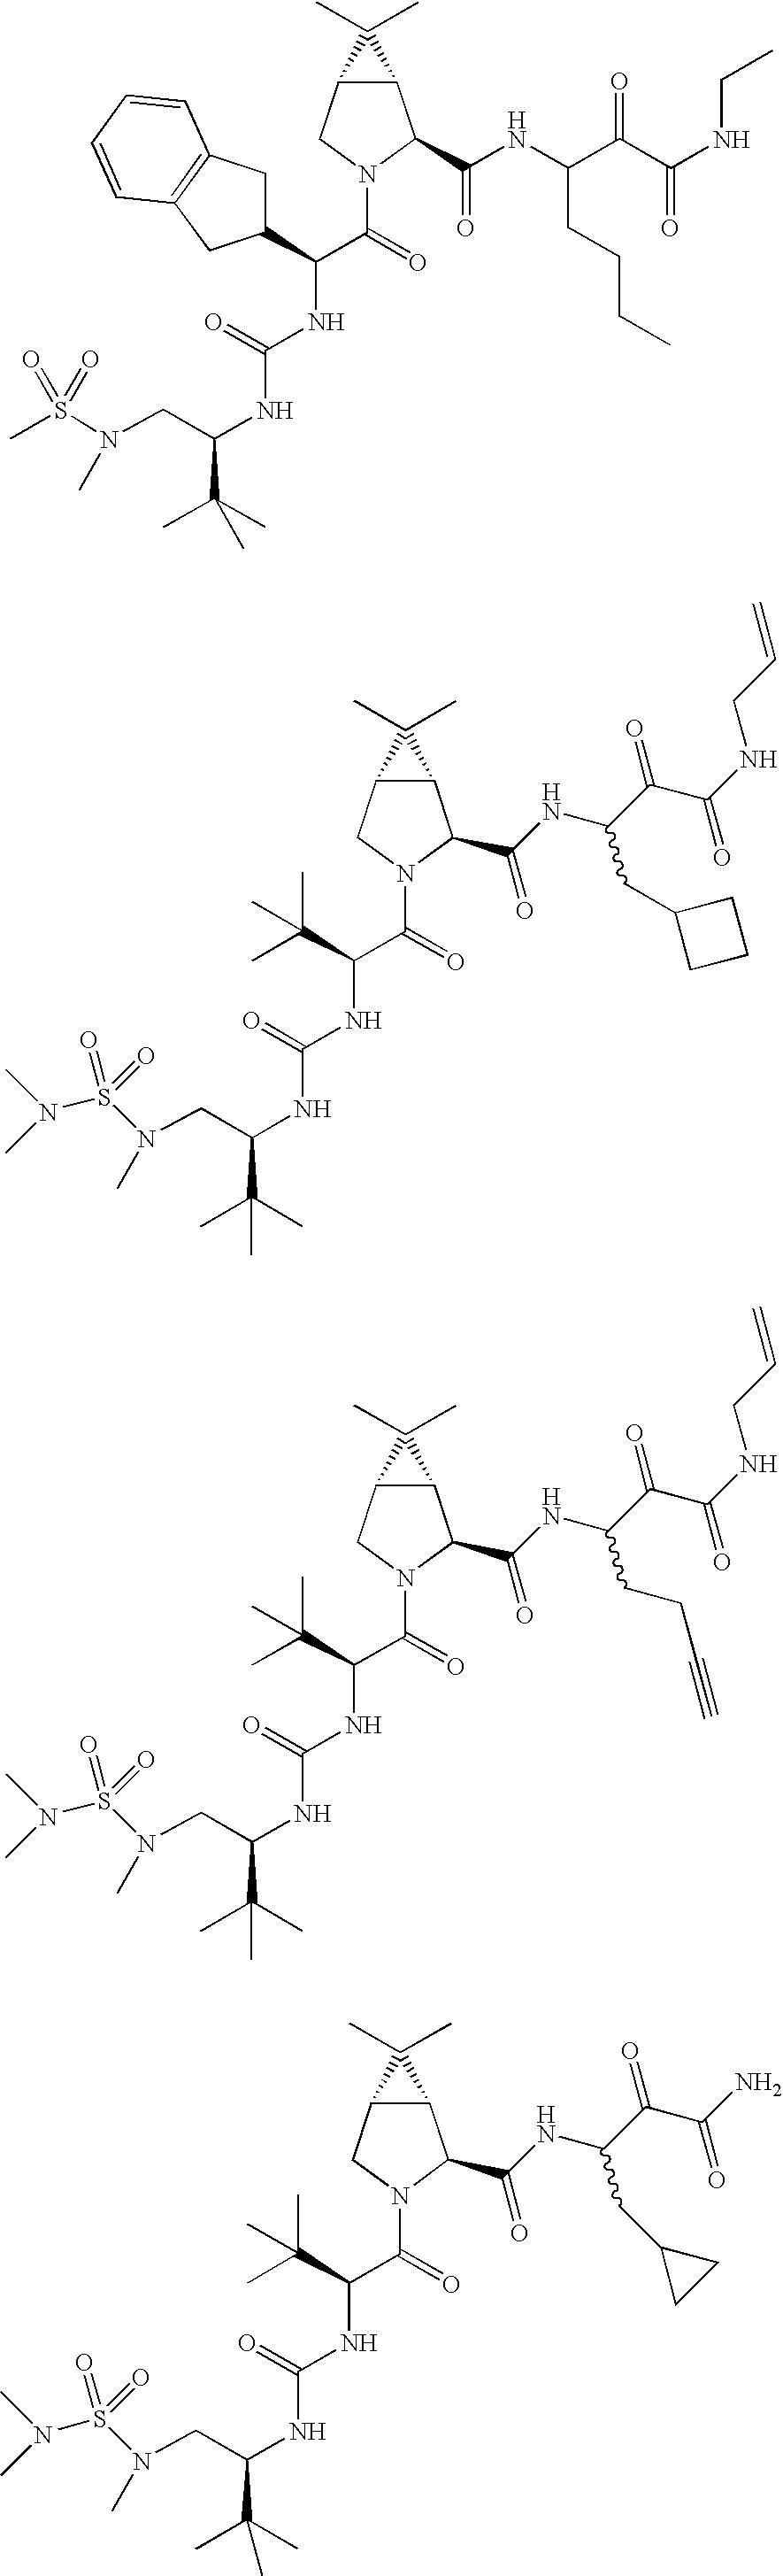 Figure US20060287248A1-20061221-C00348